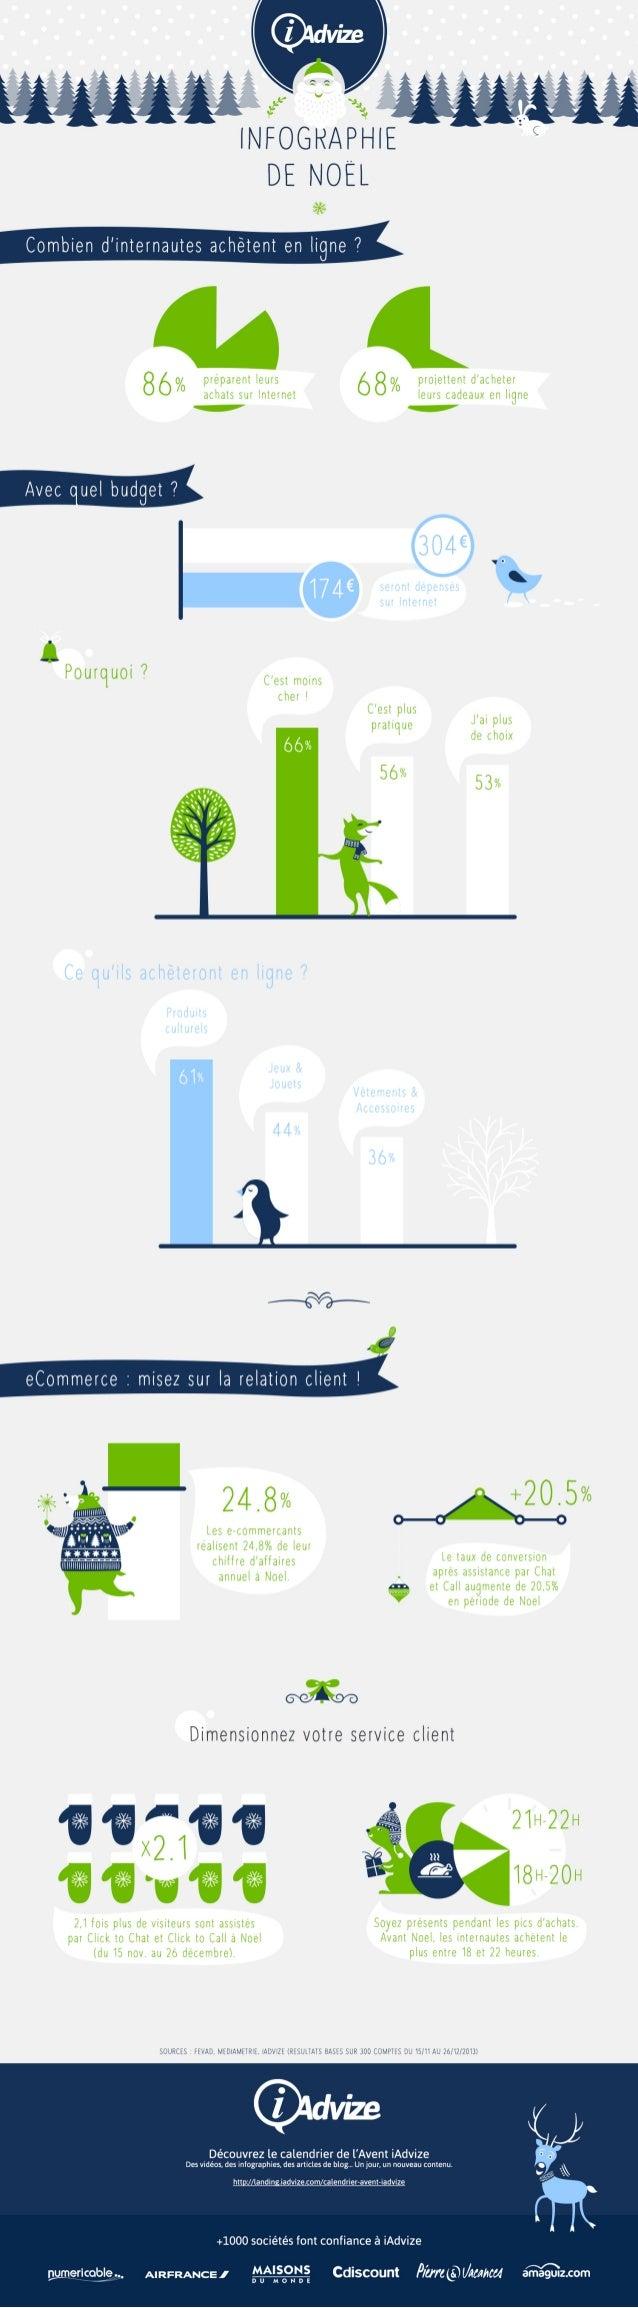 Infographie Noël : Les comportements d'achats de Noël et la relation client en ligne.